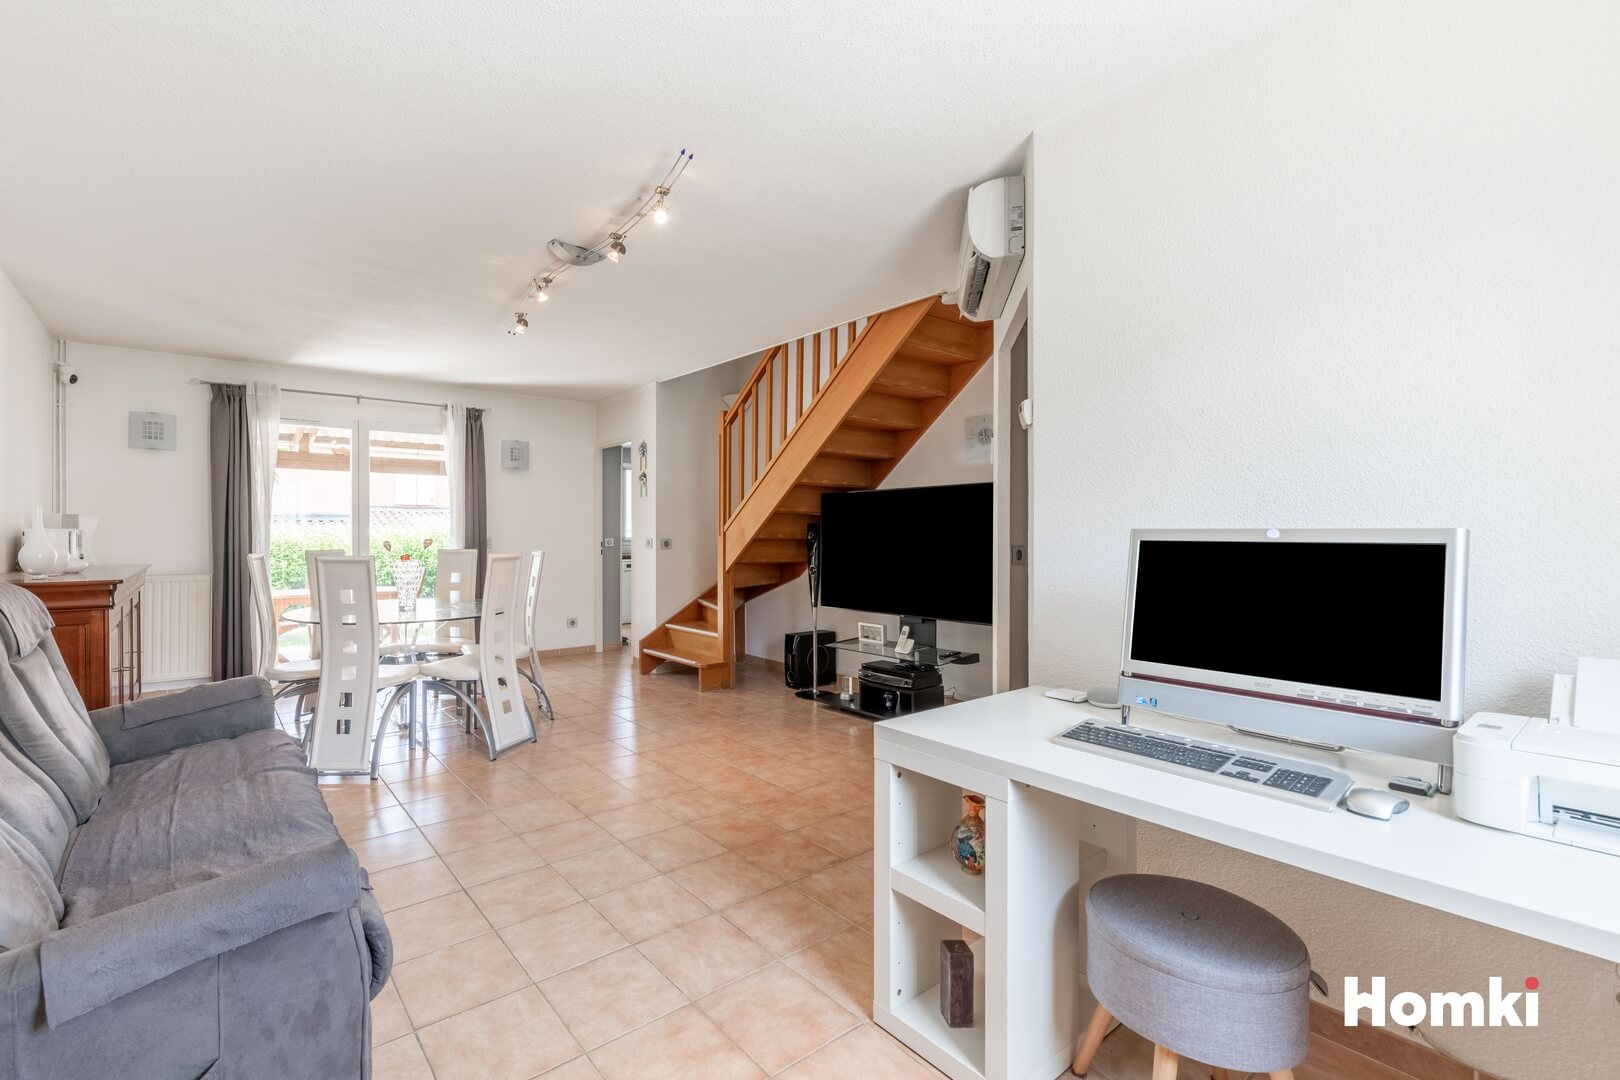 Homki - Vente Maison/villa  de 90.0 m² à Marseille 13013